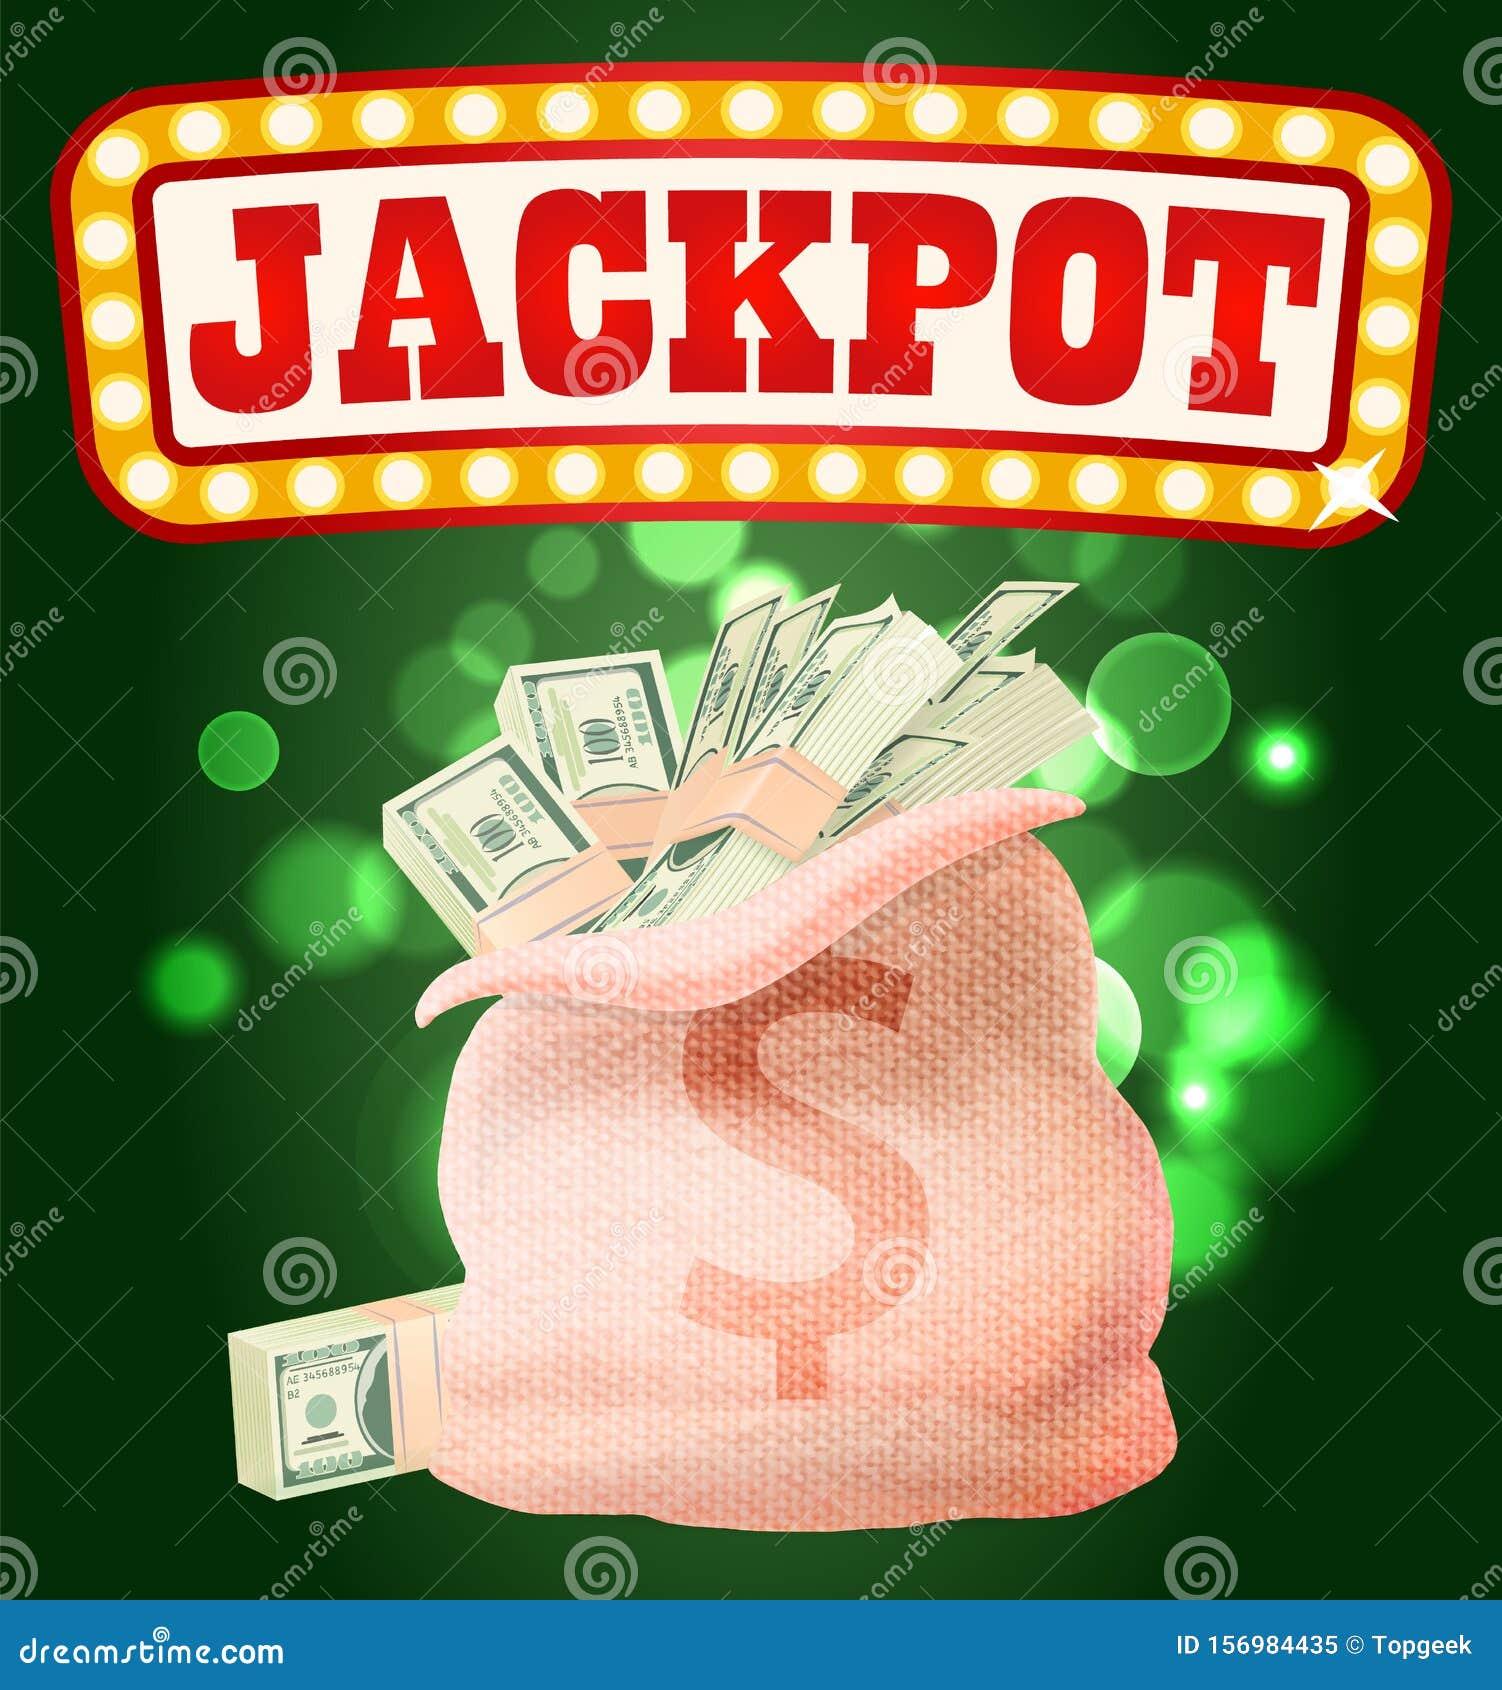 Джекпот казино играть на деньги форум как играть карты